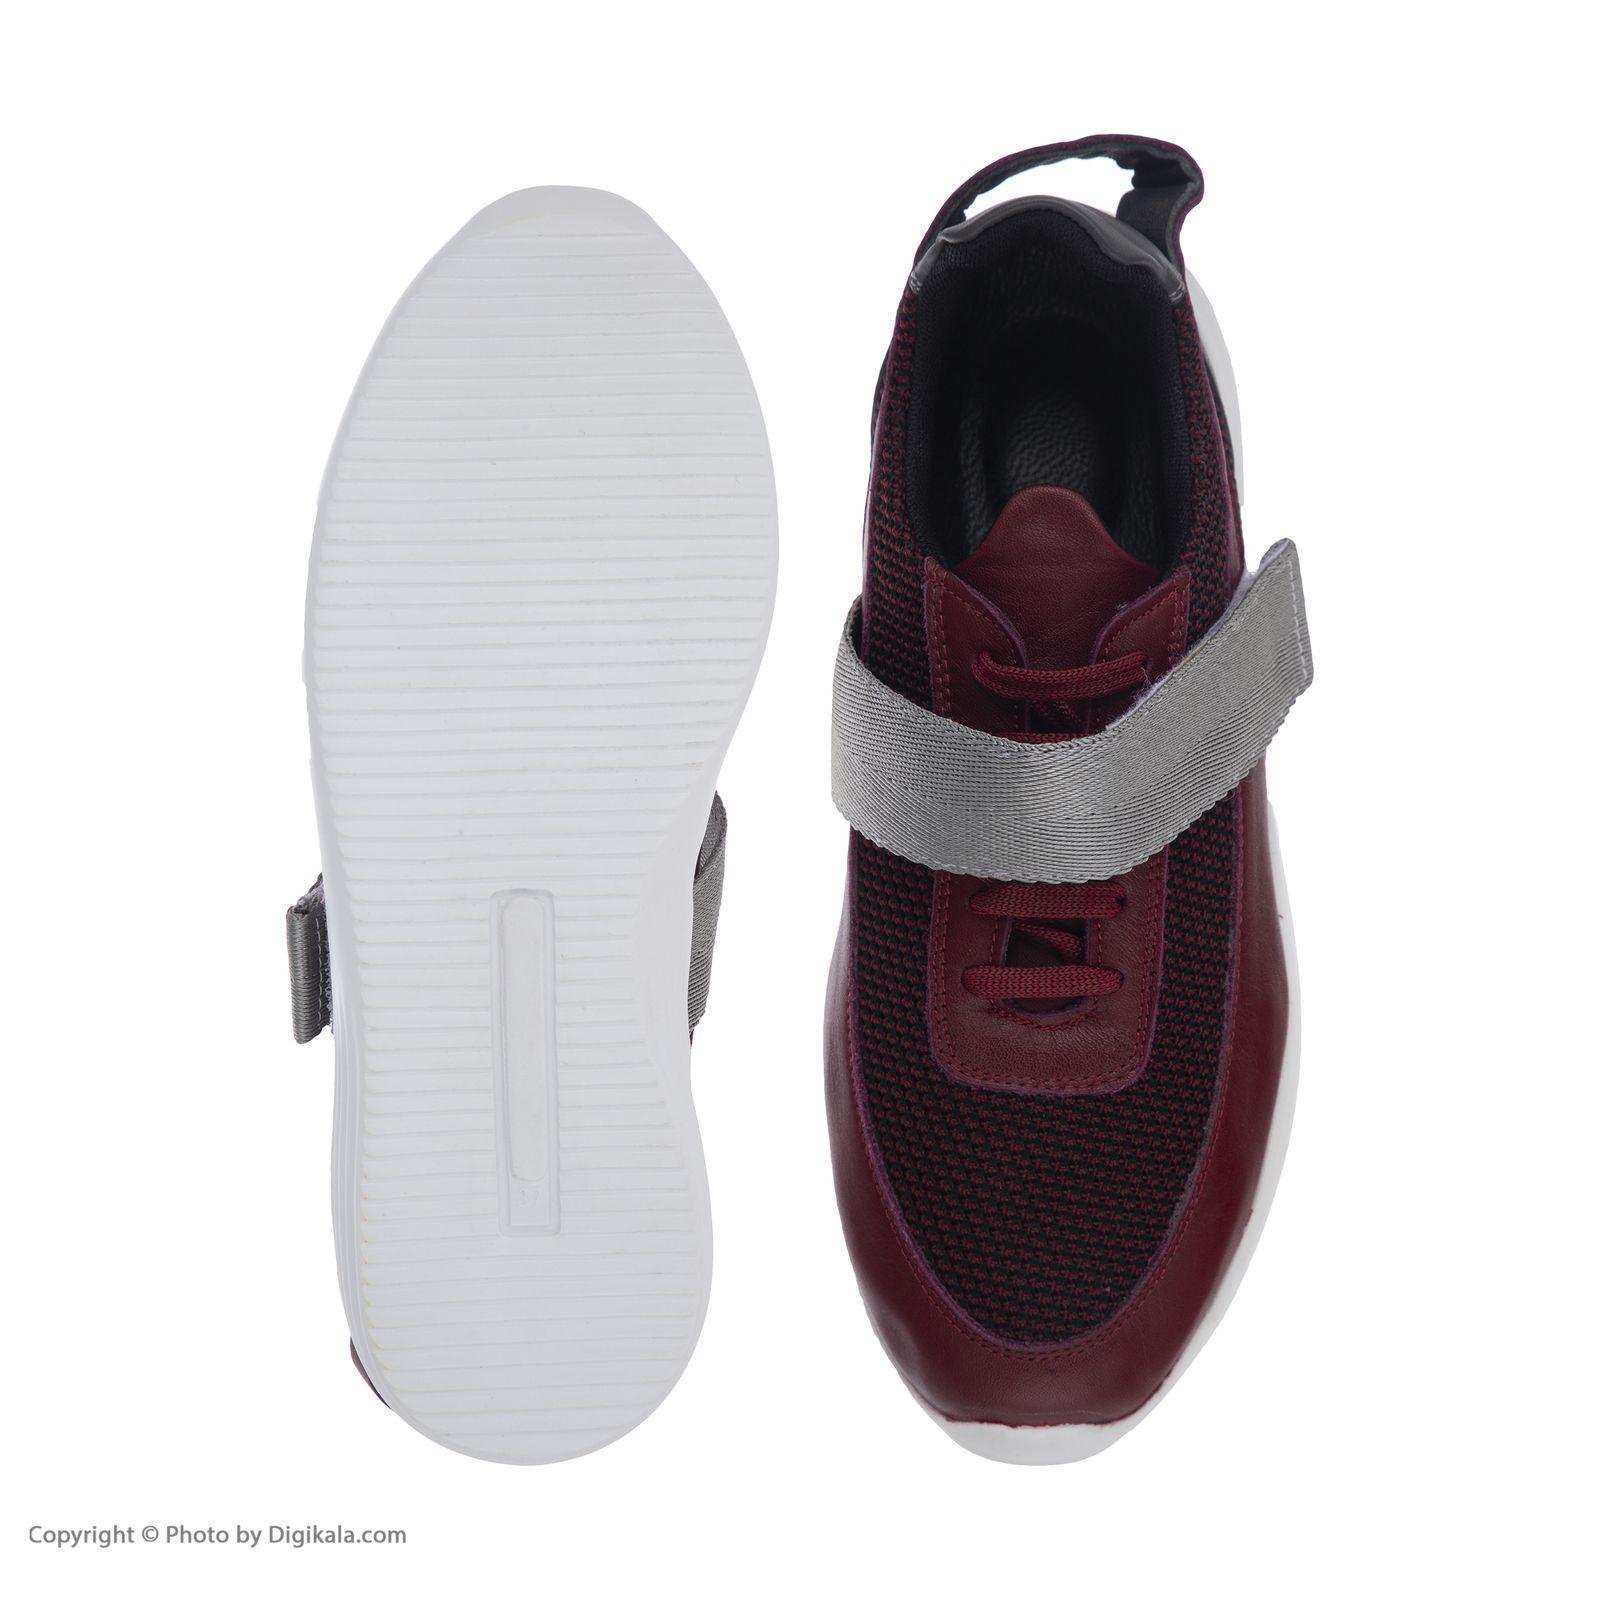 کفش روزمره زنانه آرتمن مدل Fando-41453 -  - 4